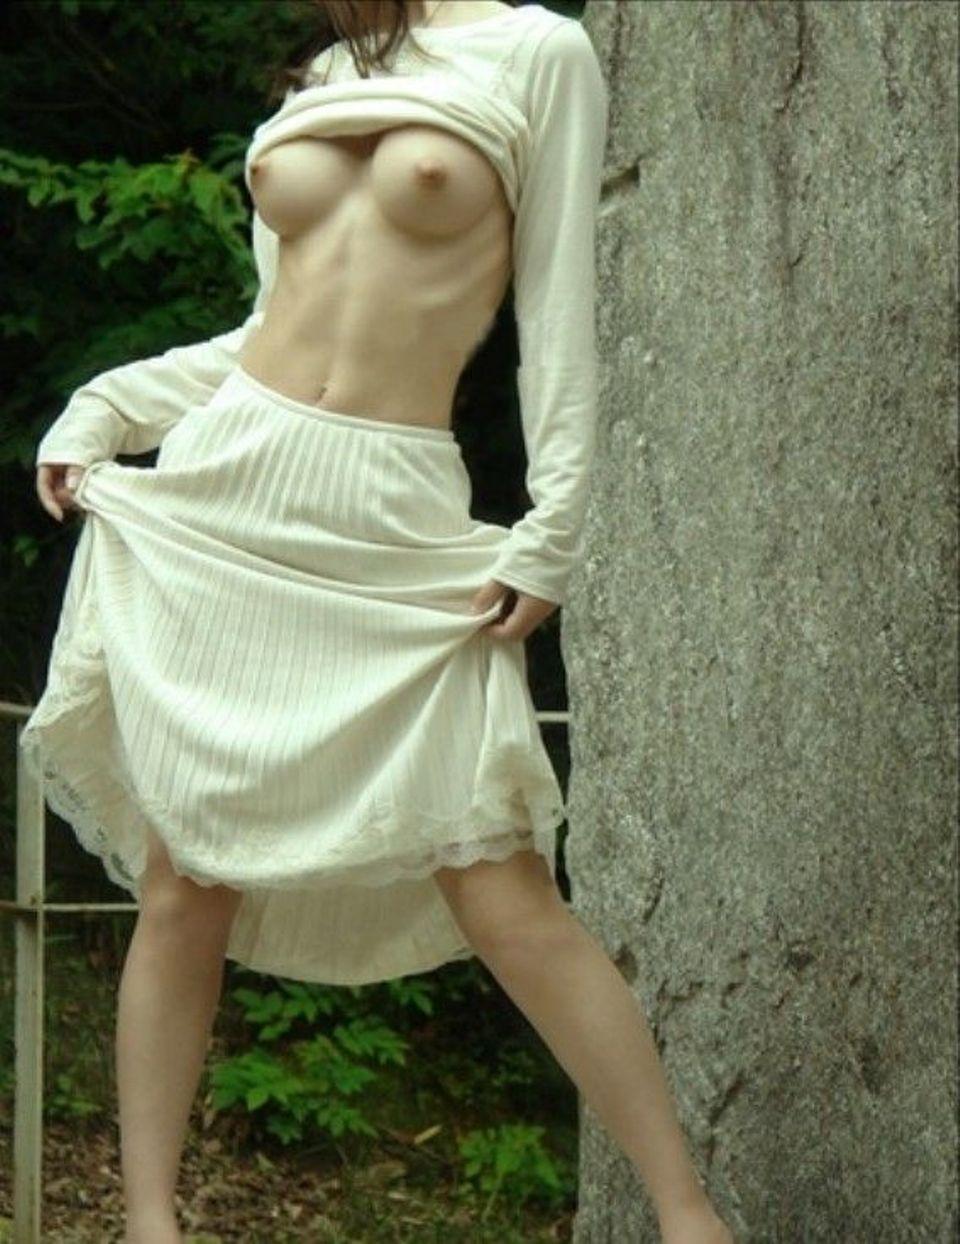 【色・かたち・乳首】理想のおっぱい★2【AV】 [無断転載禁止]©bbspink.comYouTube動画>1本 ->画像>778枚